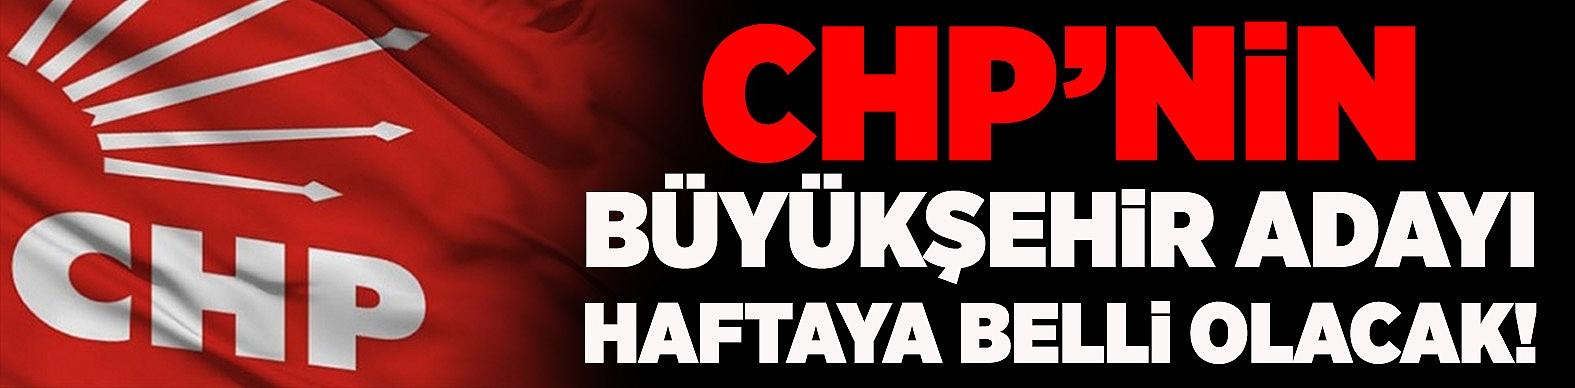 CHP'nin Büyükşehir adayı haftaya belli olacak!